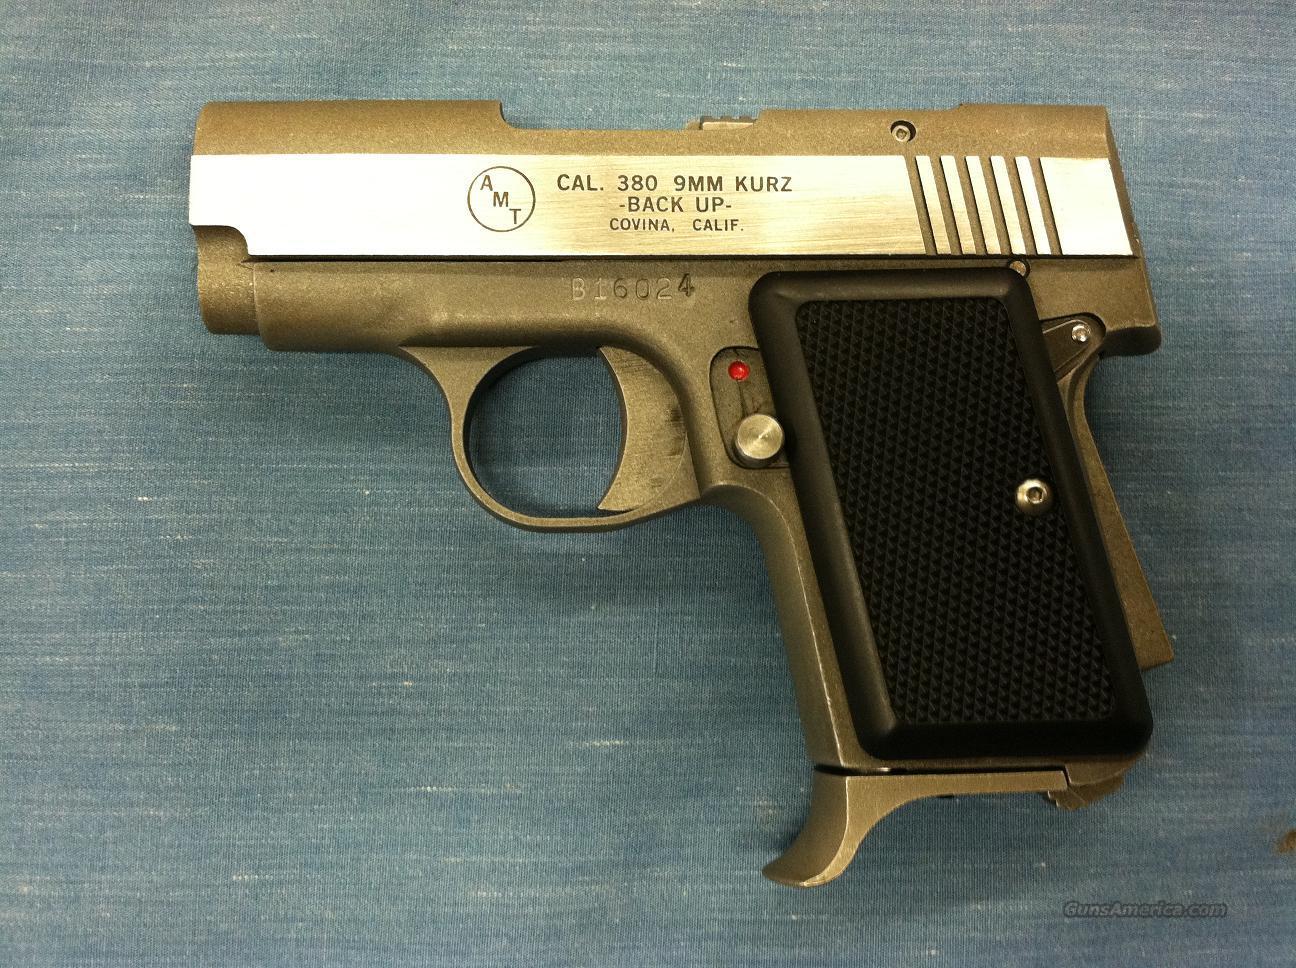 AMT Backup II Pistol .380 auto  Guns > Pistols > AMT Pistols > Other